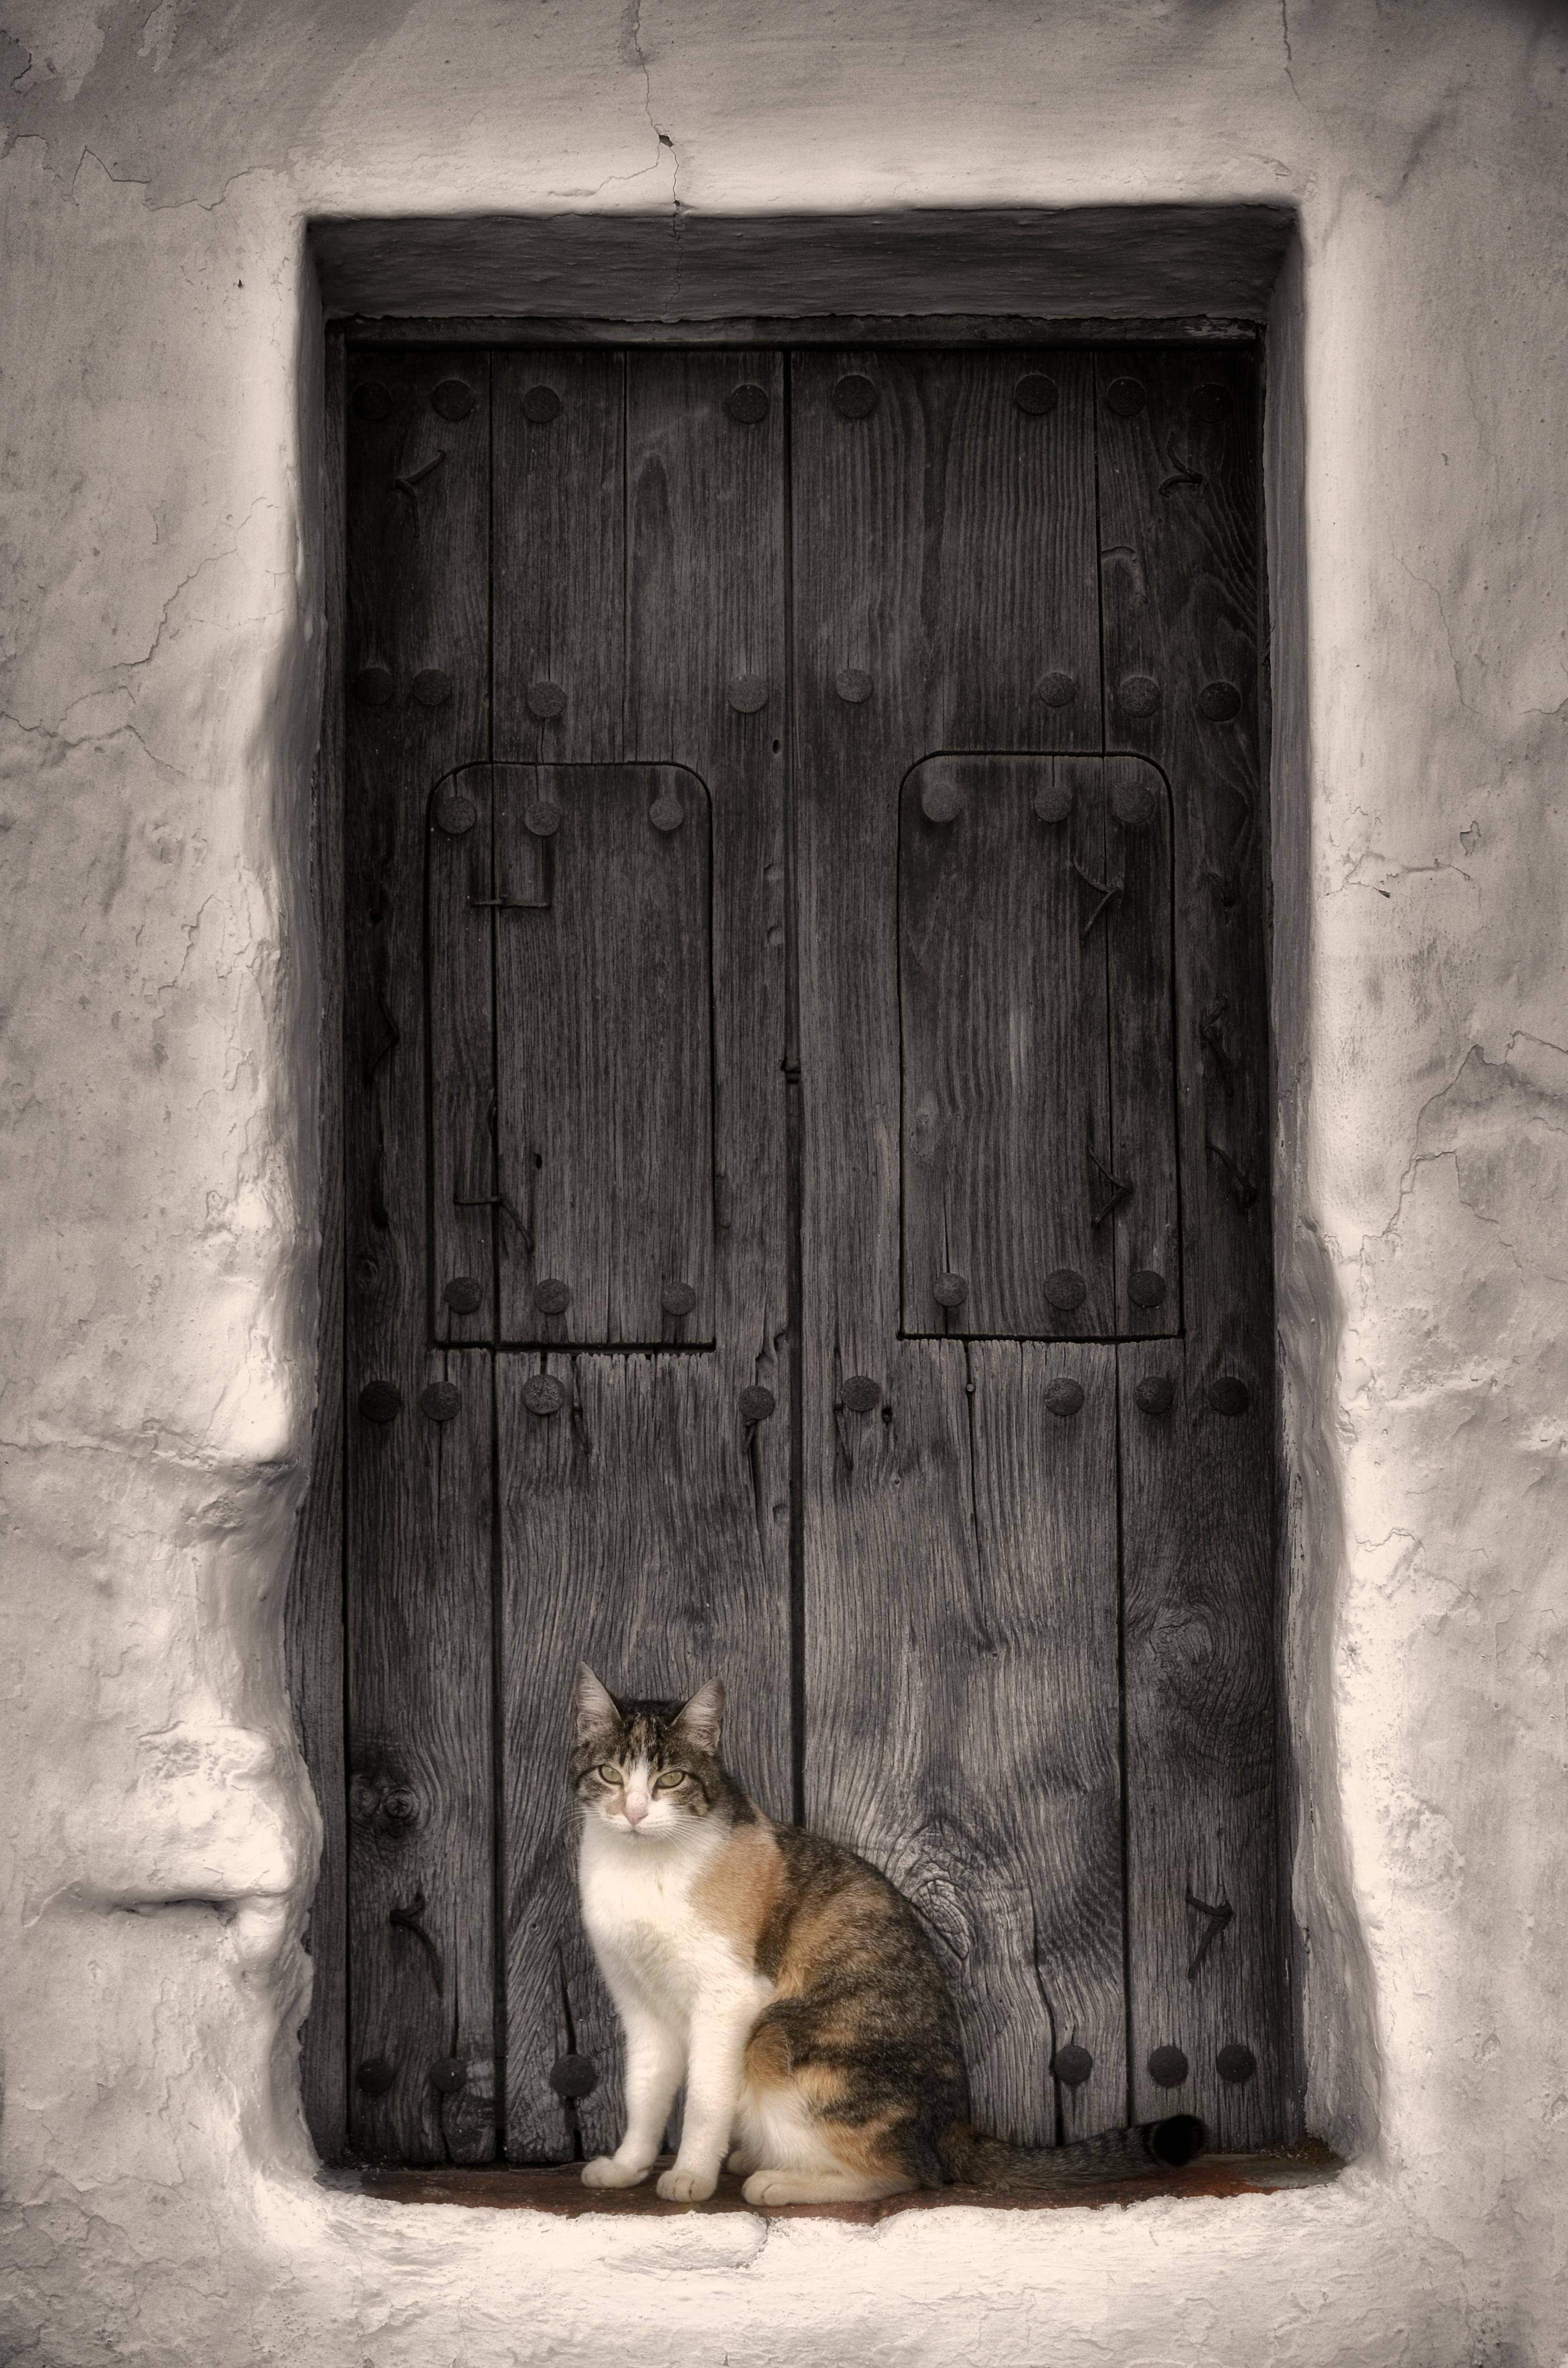 Fotos gratis : en blanco y negro, madera, casa, ventana, pared, gato ...